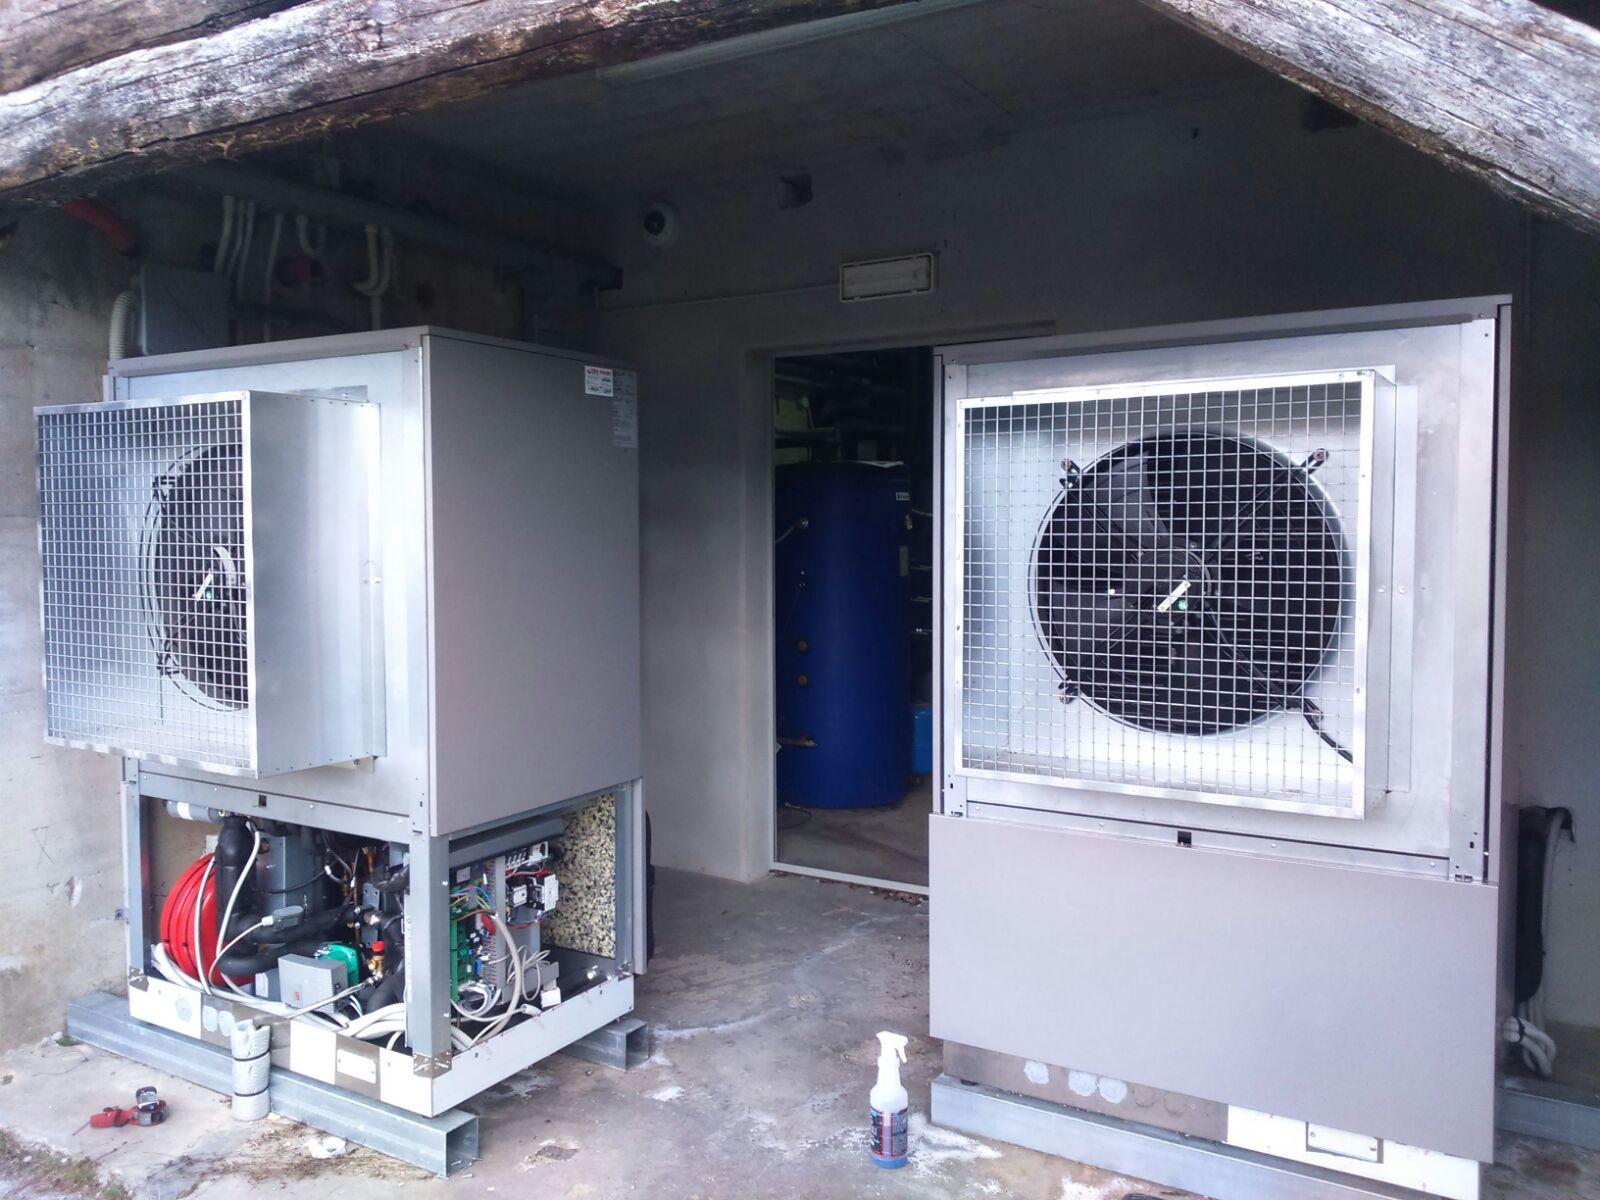 car frigo cherasco cuneo piemonte condizionatori pompe di calore risparmio energetico refrigerazione industriale preventivi assistenza tecnica rivenditore autorizzato.jpg